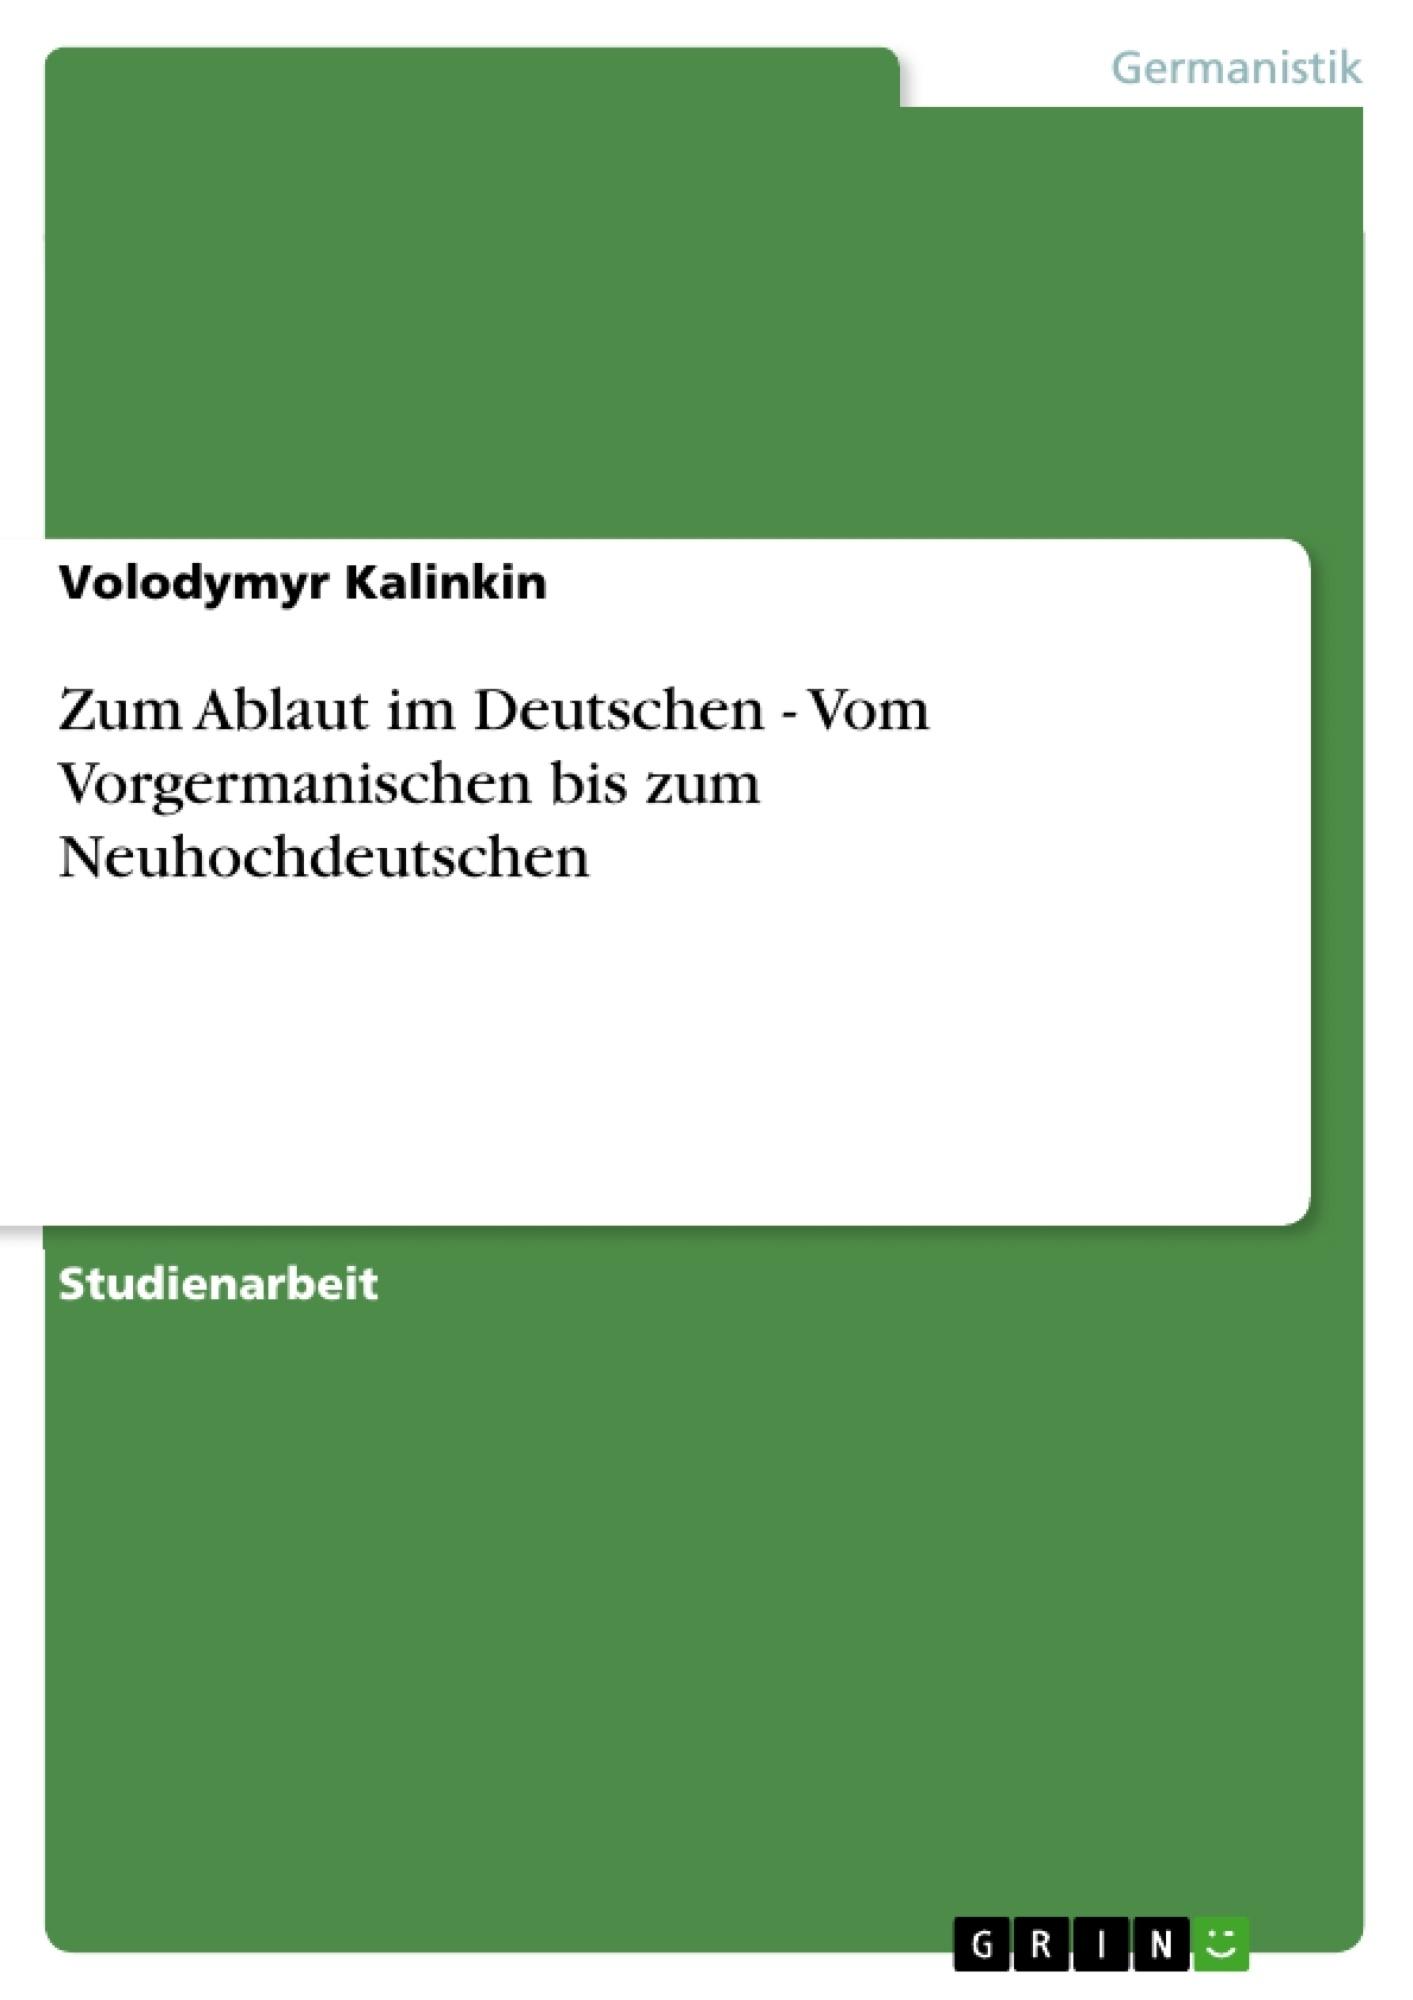 Titel: Zum Ablaut im Deutschen - Vom Vorgermanischen bis zum Neuhochdeutschen